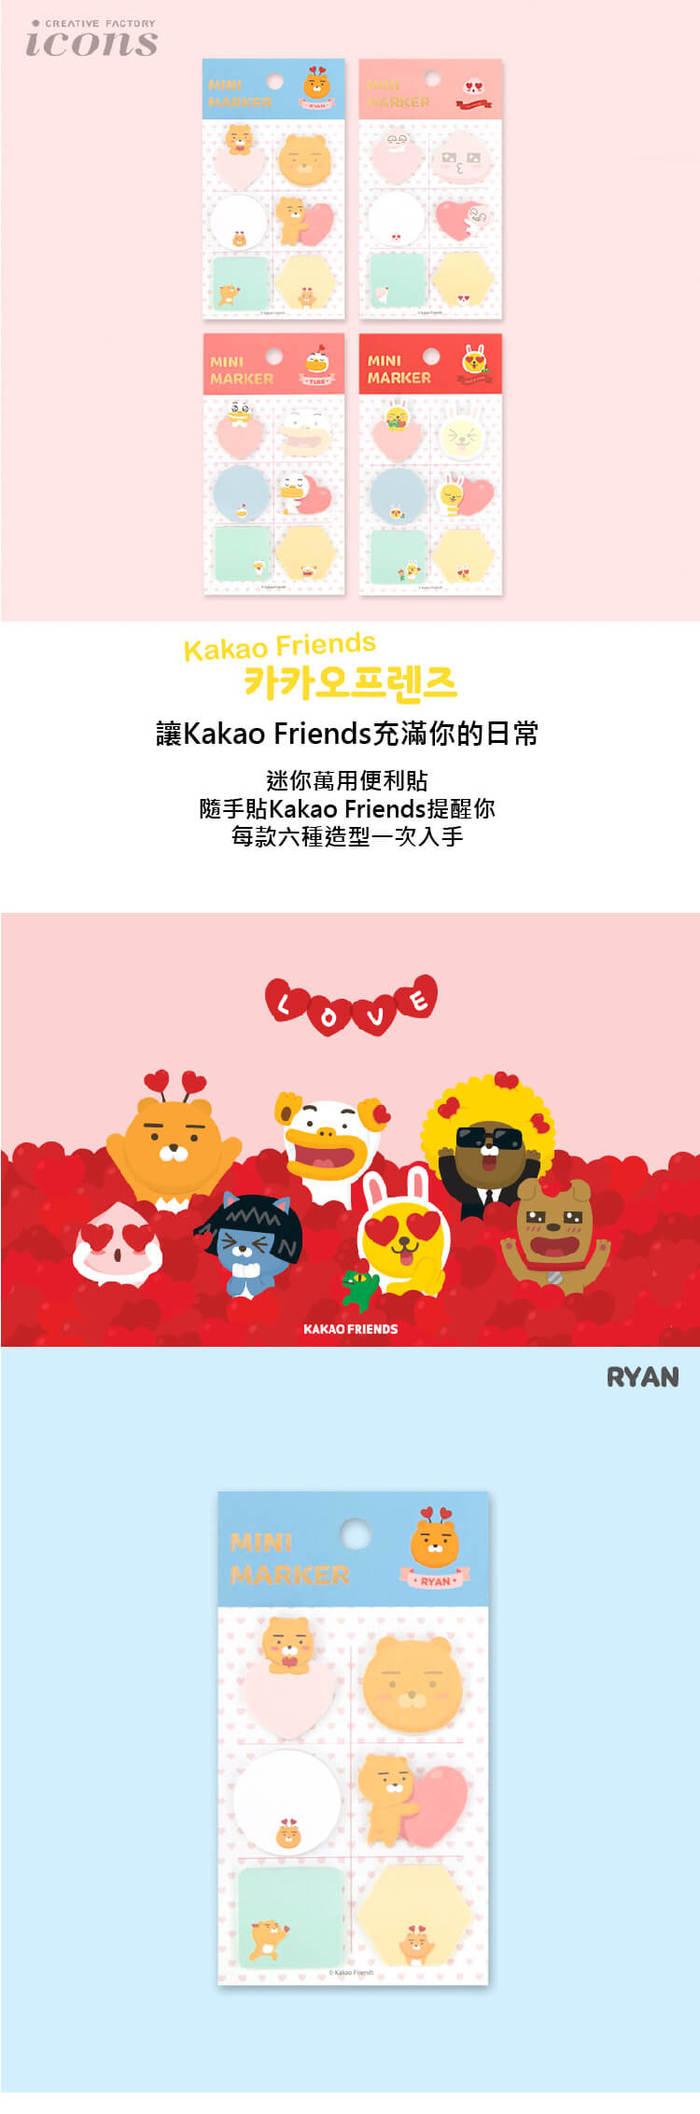 Kakao Friends|迷你萬用便條貼 RYAN